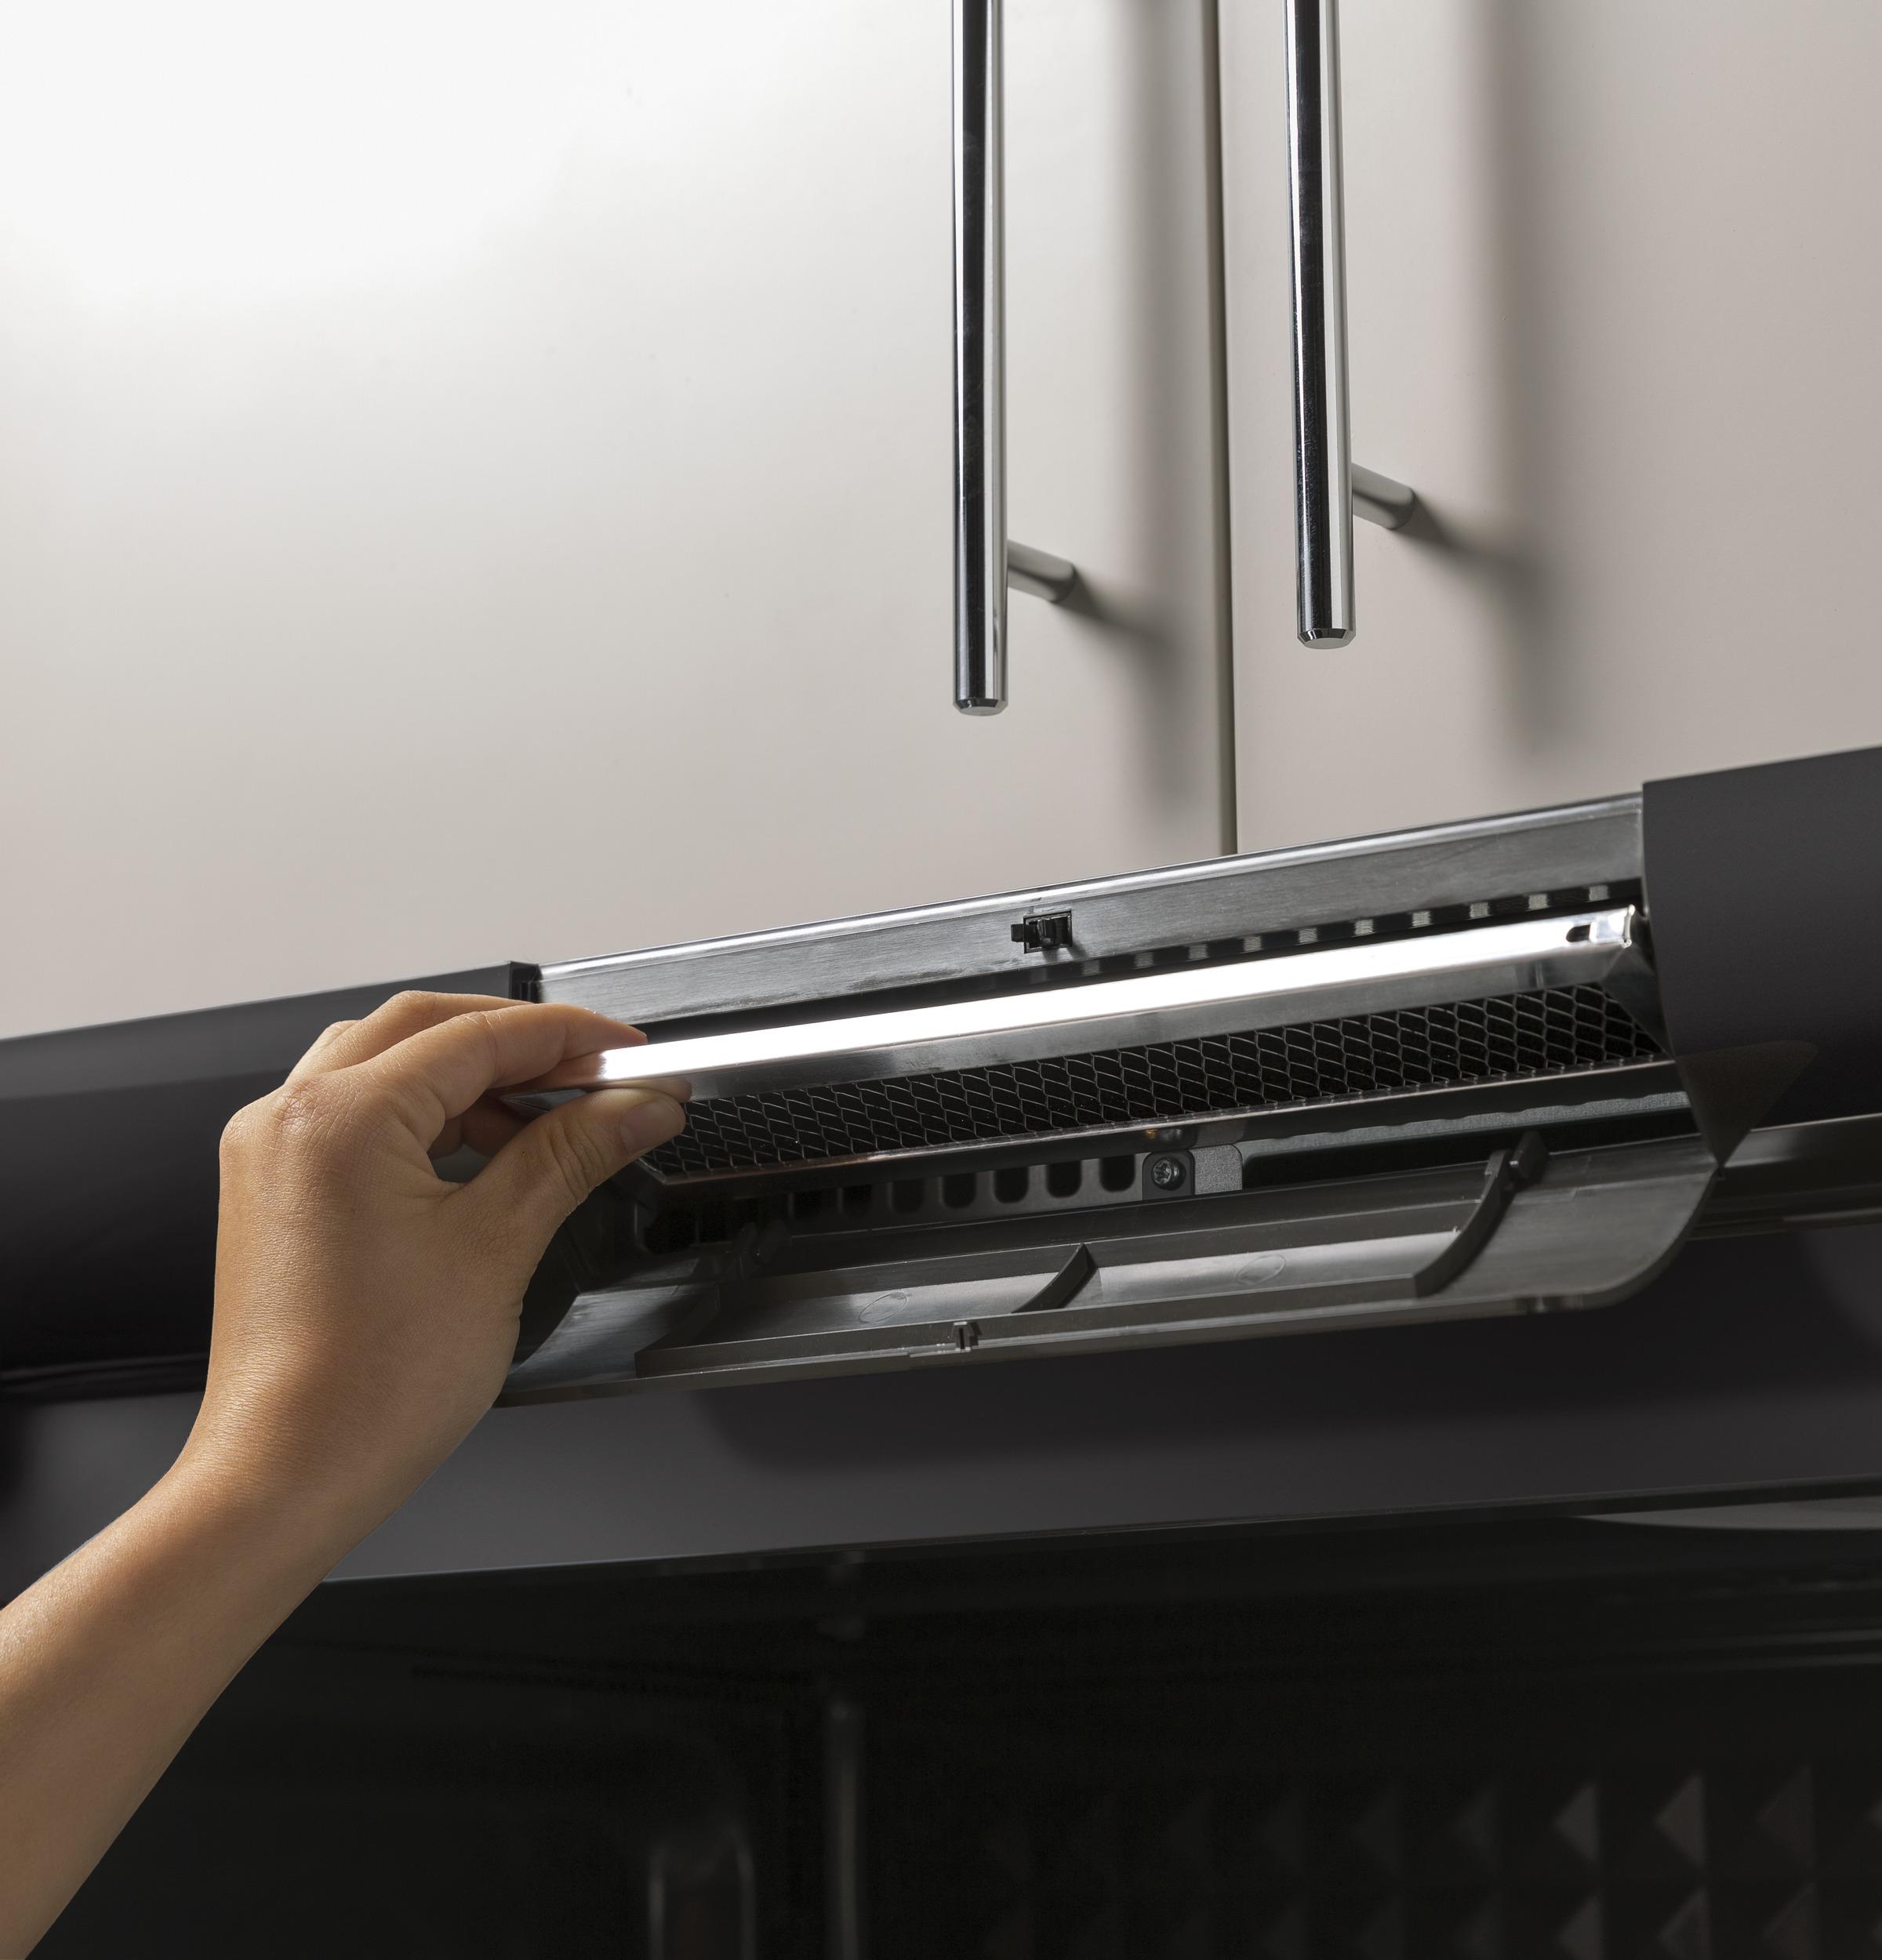 Model: PVM9005EJES | GE Profile GE Profile™ 2.1 Cu. Ft. Over-the-Range Sensor Microwave Oven